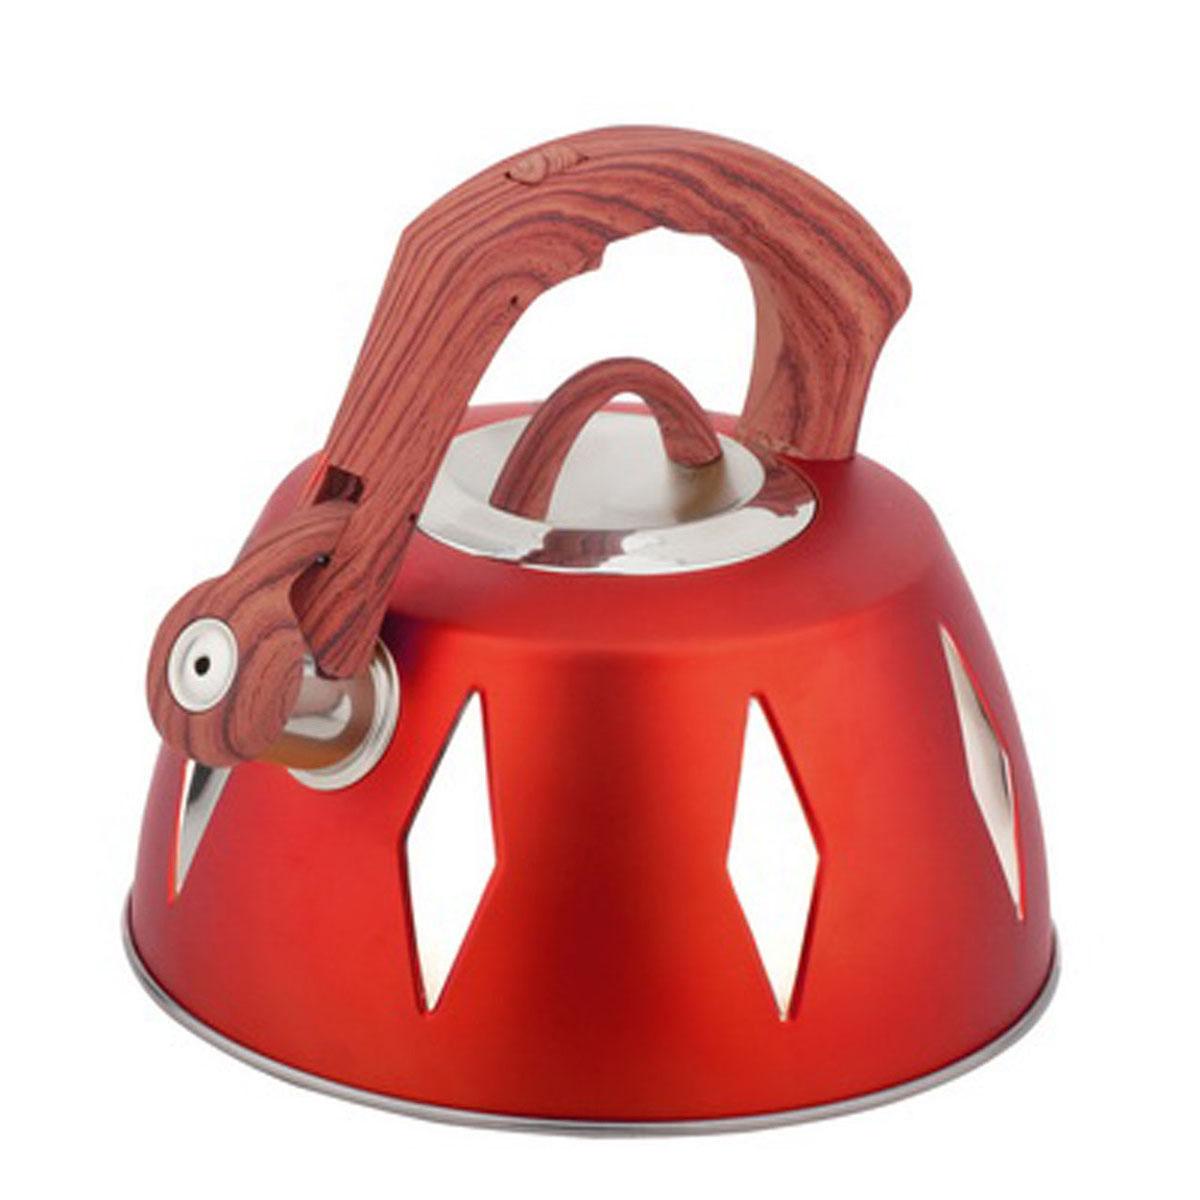 Чайник Bohmann со свистком, 3,5 л, цвет: красный9968BHNEW_красныйЧайник Bohmann изготовлен из высококачественной нержавеющей стали с цветным матовым покрытием. Нержавеющая сталь - материал, из которого в течение нескольких десятилетий во всем мире производятся столовые приборы, кухонные инструменты и различные аксессуары. Этот материал обладает высокой стойкостью к коррозии и кислотам. Прочность, долговечность и надежность этого материала, а также первоклассная обработка обеспечивают практически неограниченный запас прочности и неизменно привлекательный внешний вид. Капсульное дно позволяет изделию быстро нагреваться и дольше сохранять тепло. Чайник оснащен фиксированной прорезиненной цветной ручкой, что предотвращает появление ожогов и обеспечивает безопасность использования. Носик чайника имеет откидной свисток, который подскажет, когда вода закипела. Можно использовать на газовых, электрических, галогенных, стеклокерамических, индукционных плитах. Можно мыть в посудомоечной машине.